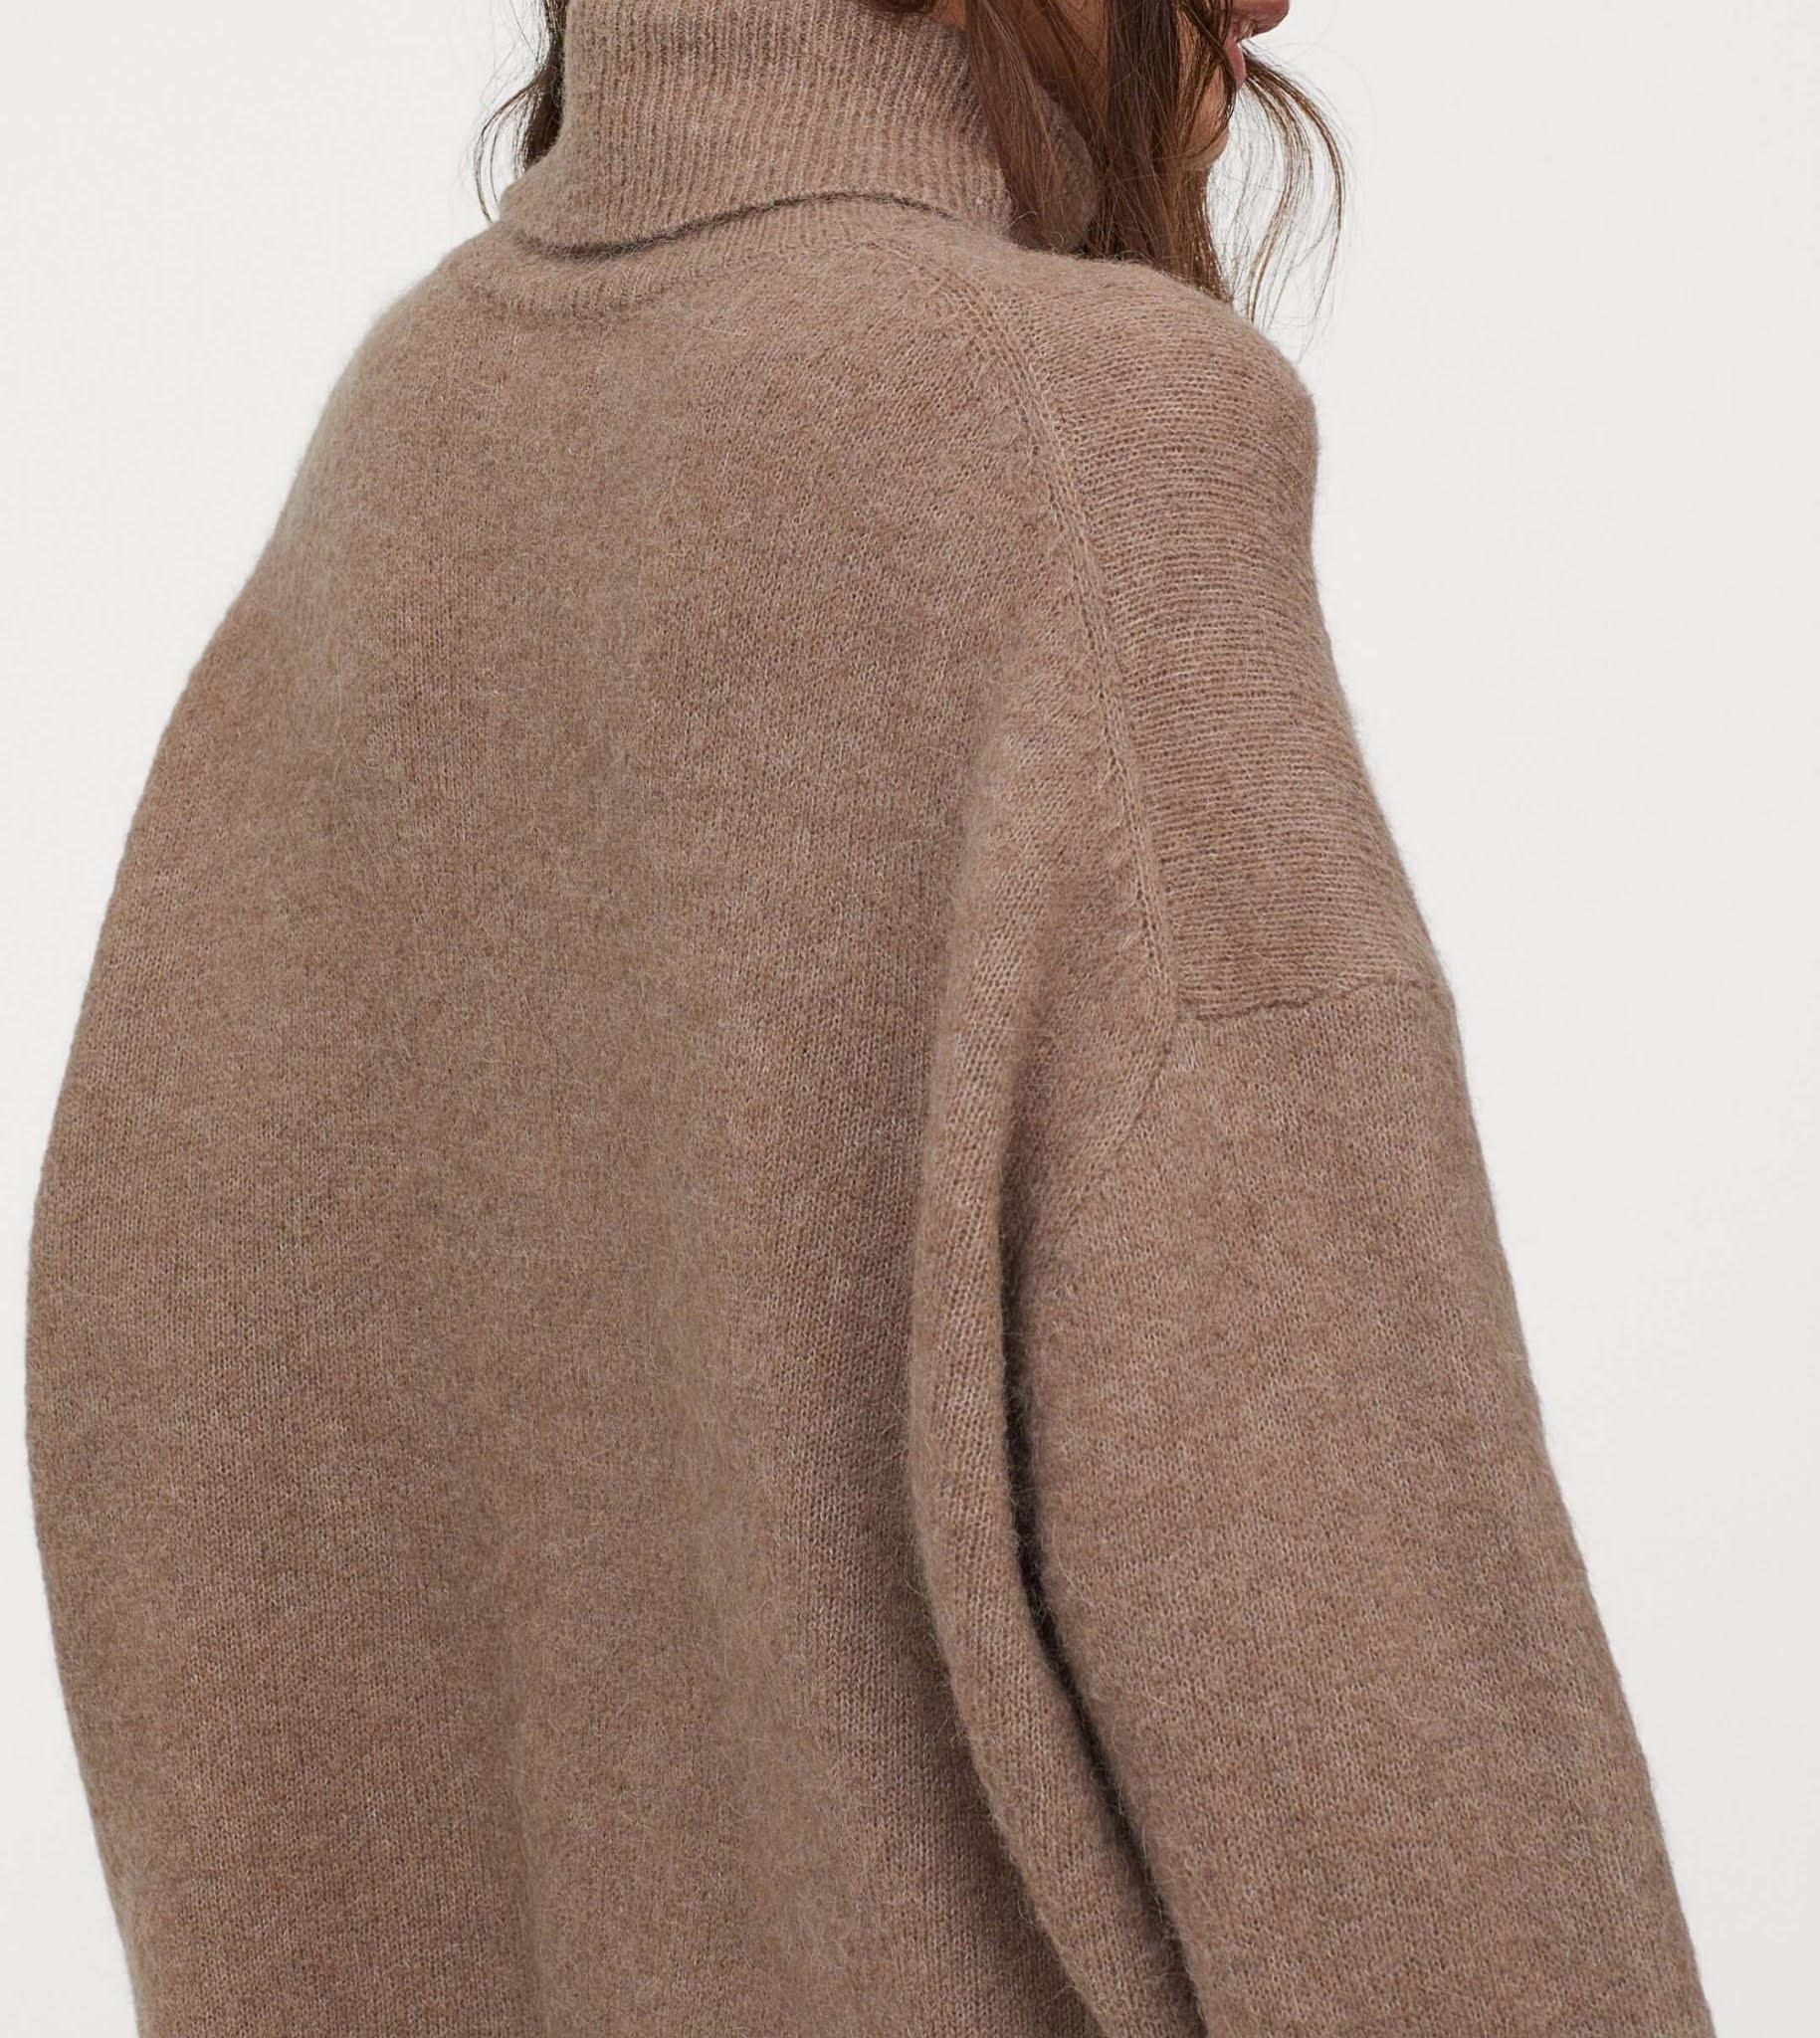 wool-blend turtleneck sweater